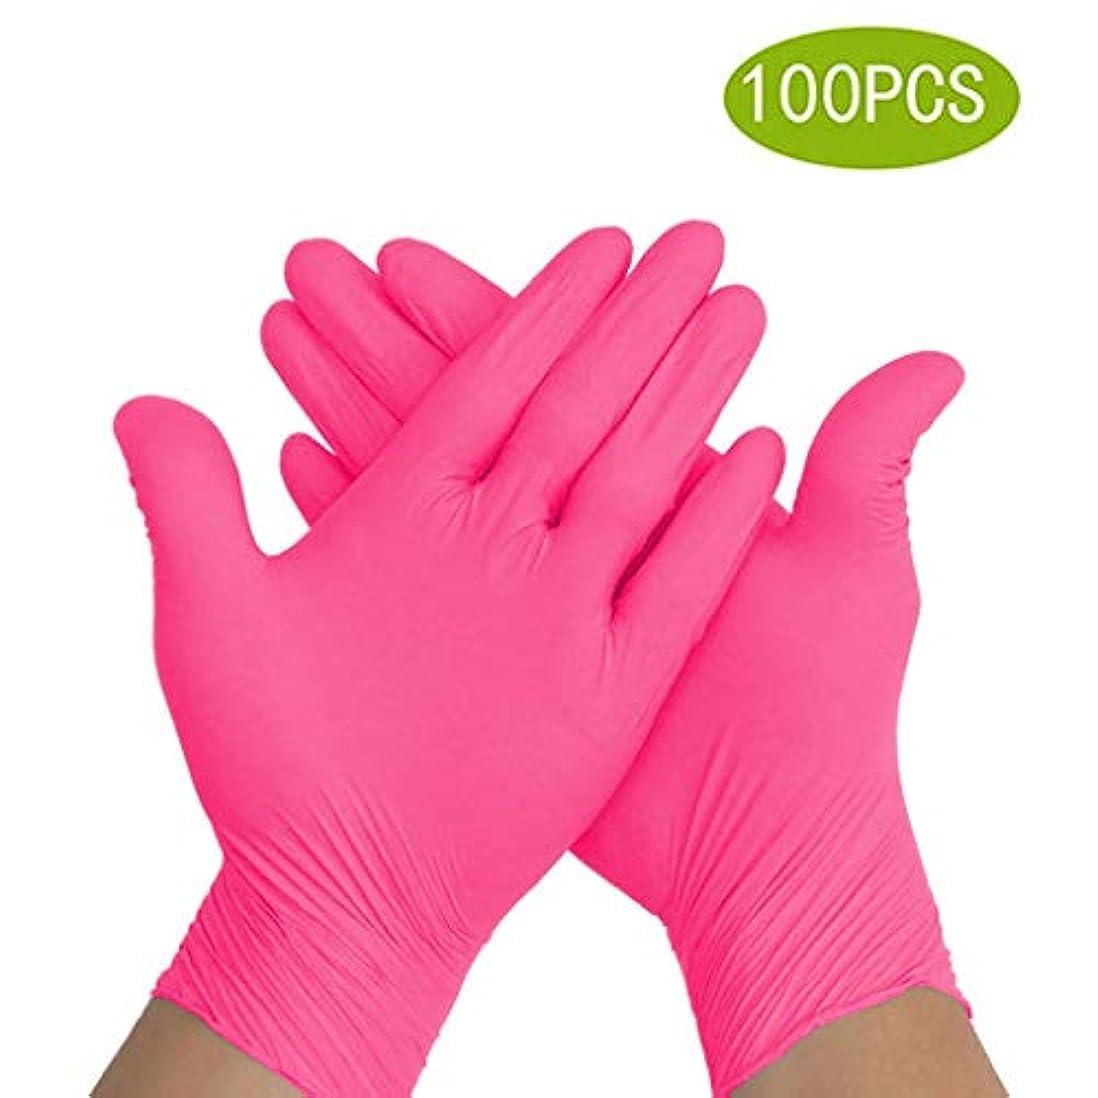 輸送買い物に行く洞察力のあるニトリル使い捨て手袋、パウダーフリーのレッドビューティーサロンタトゥー、食品用手袋、ラテックスフリー、100個ディスペンサーパック (Size : S)